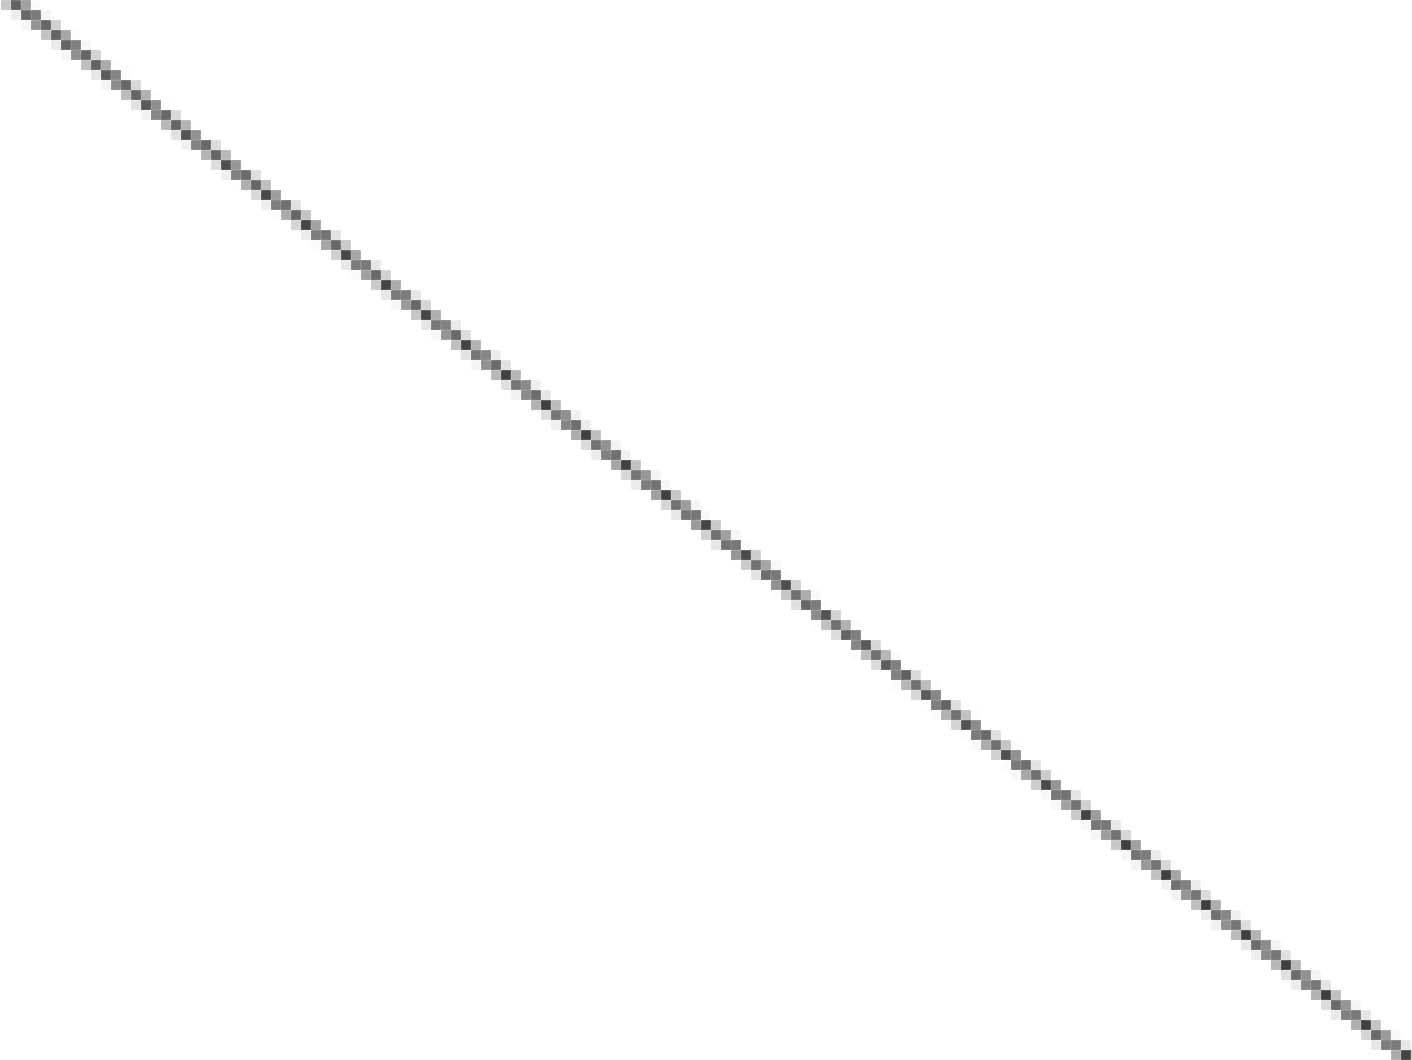 Her en anti-aliaset strek som bruker gråtoner i stedet for å tegne i svart/hvitt.